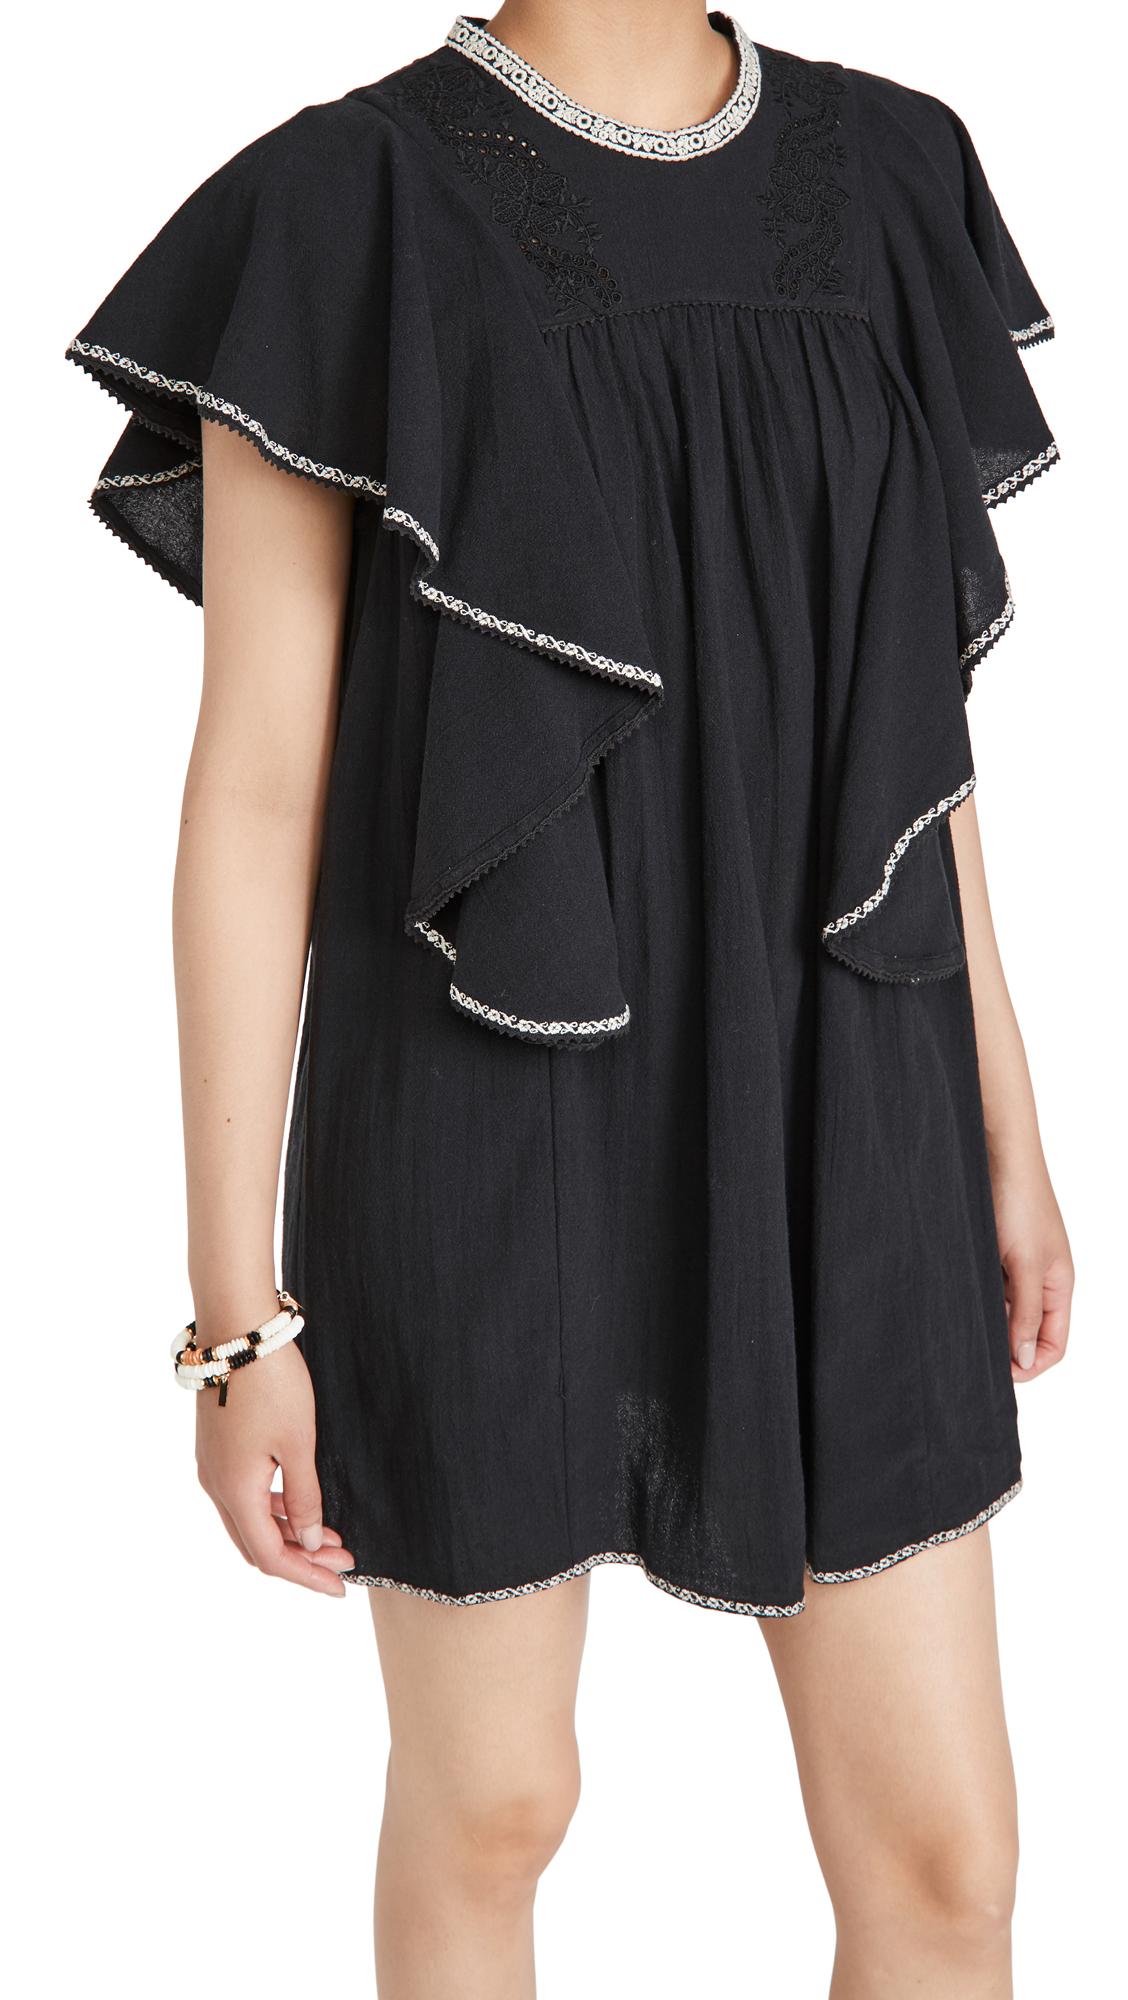 Isabel Marant Etoile Reyes Dress